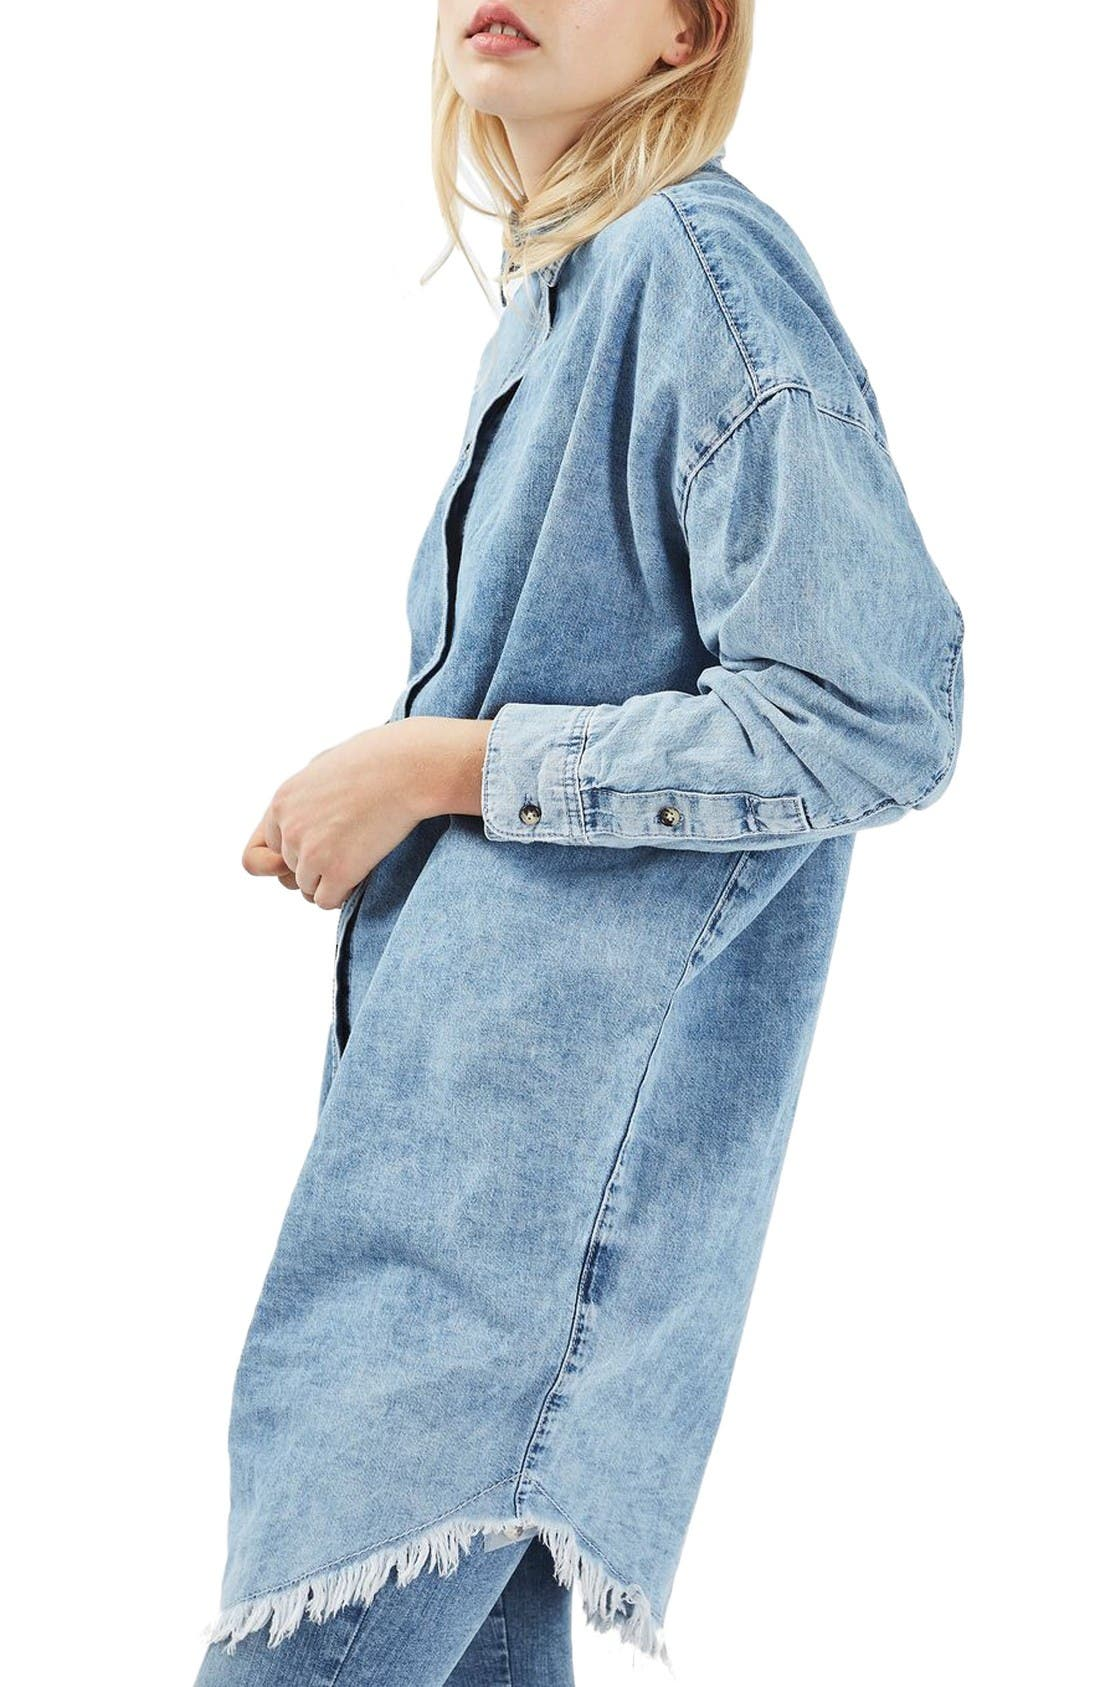 Main Image - Topshop Elton Fray Denim Shirtdress